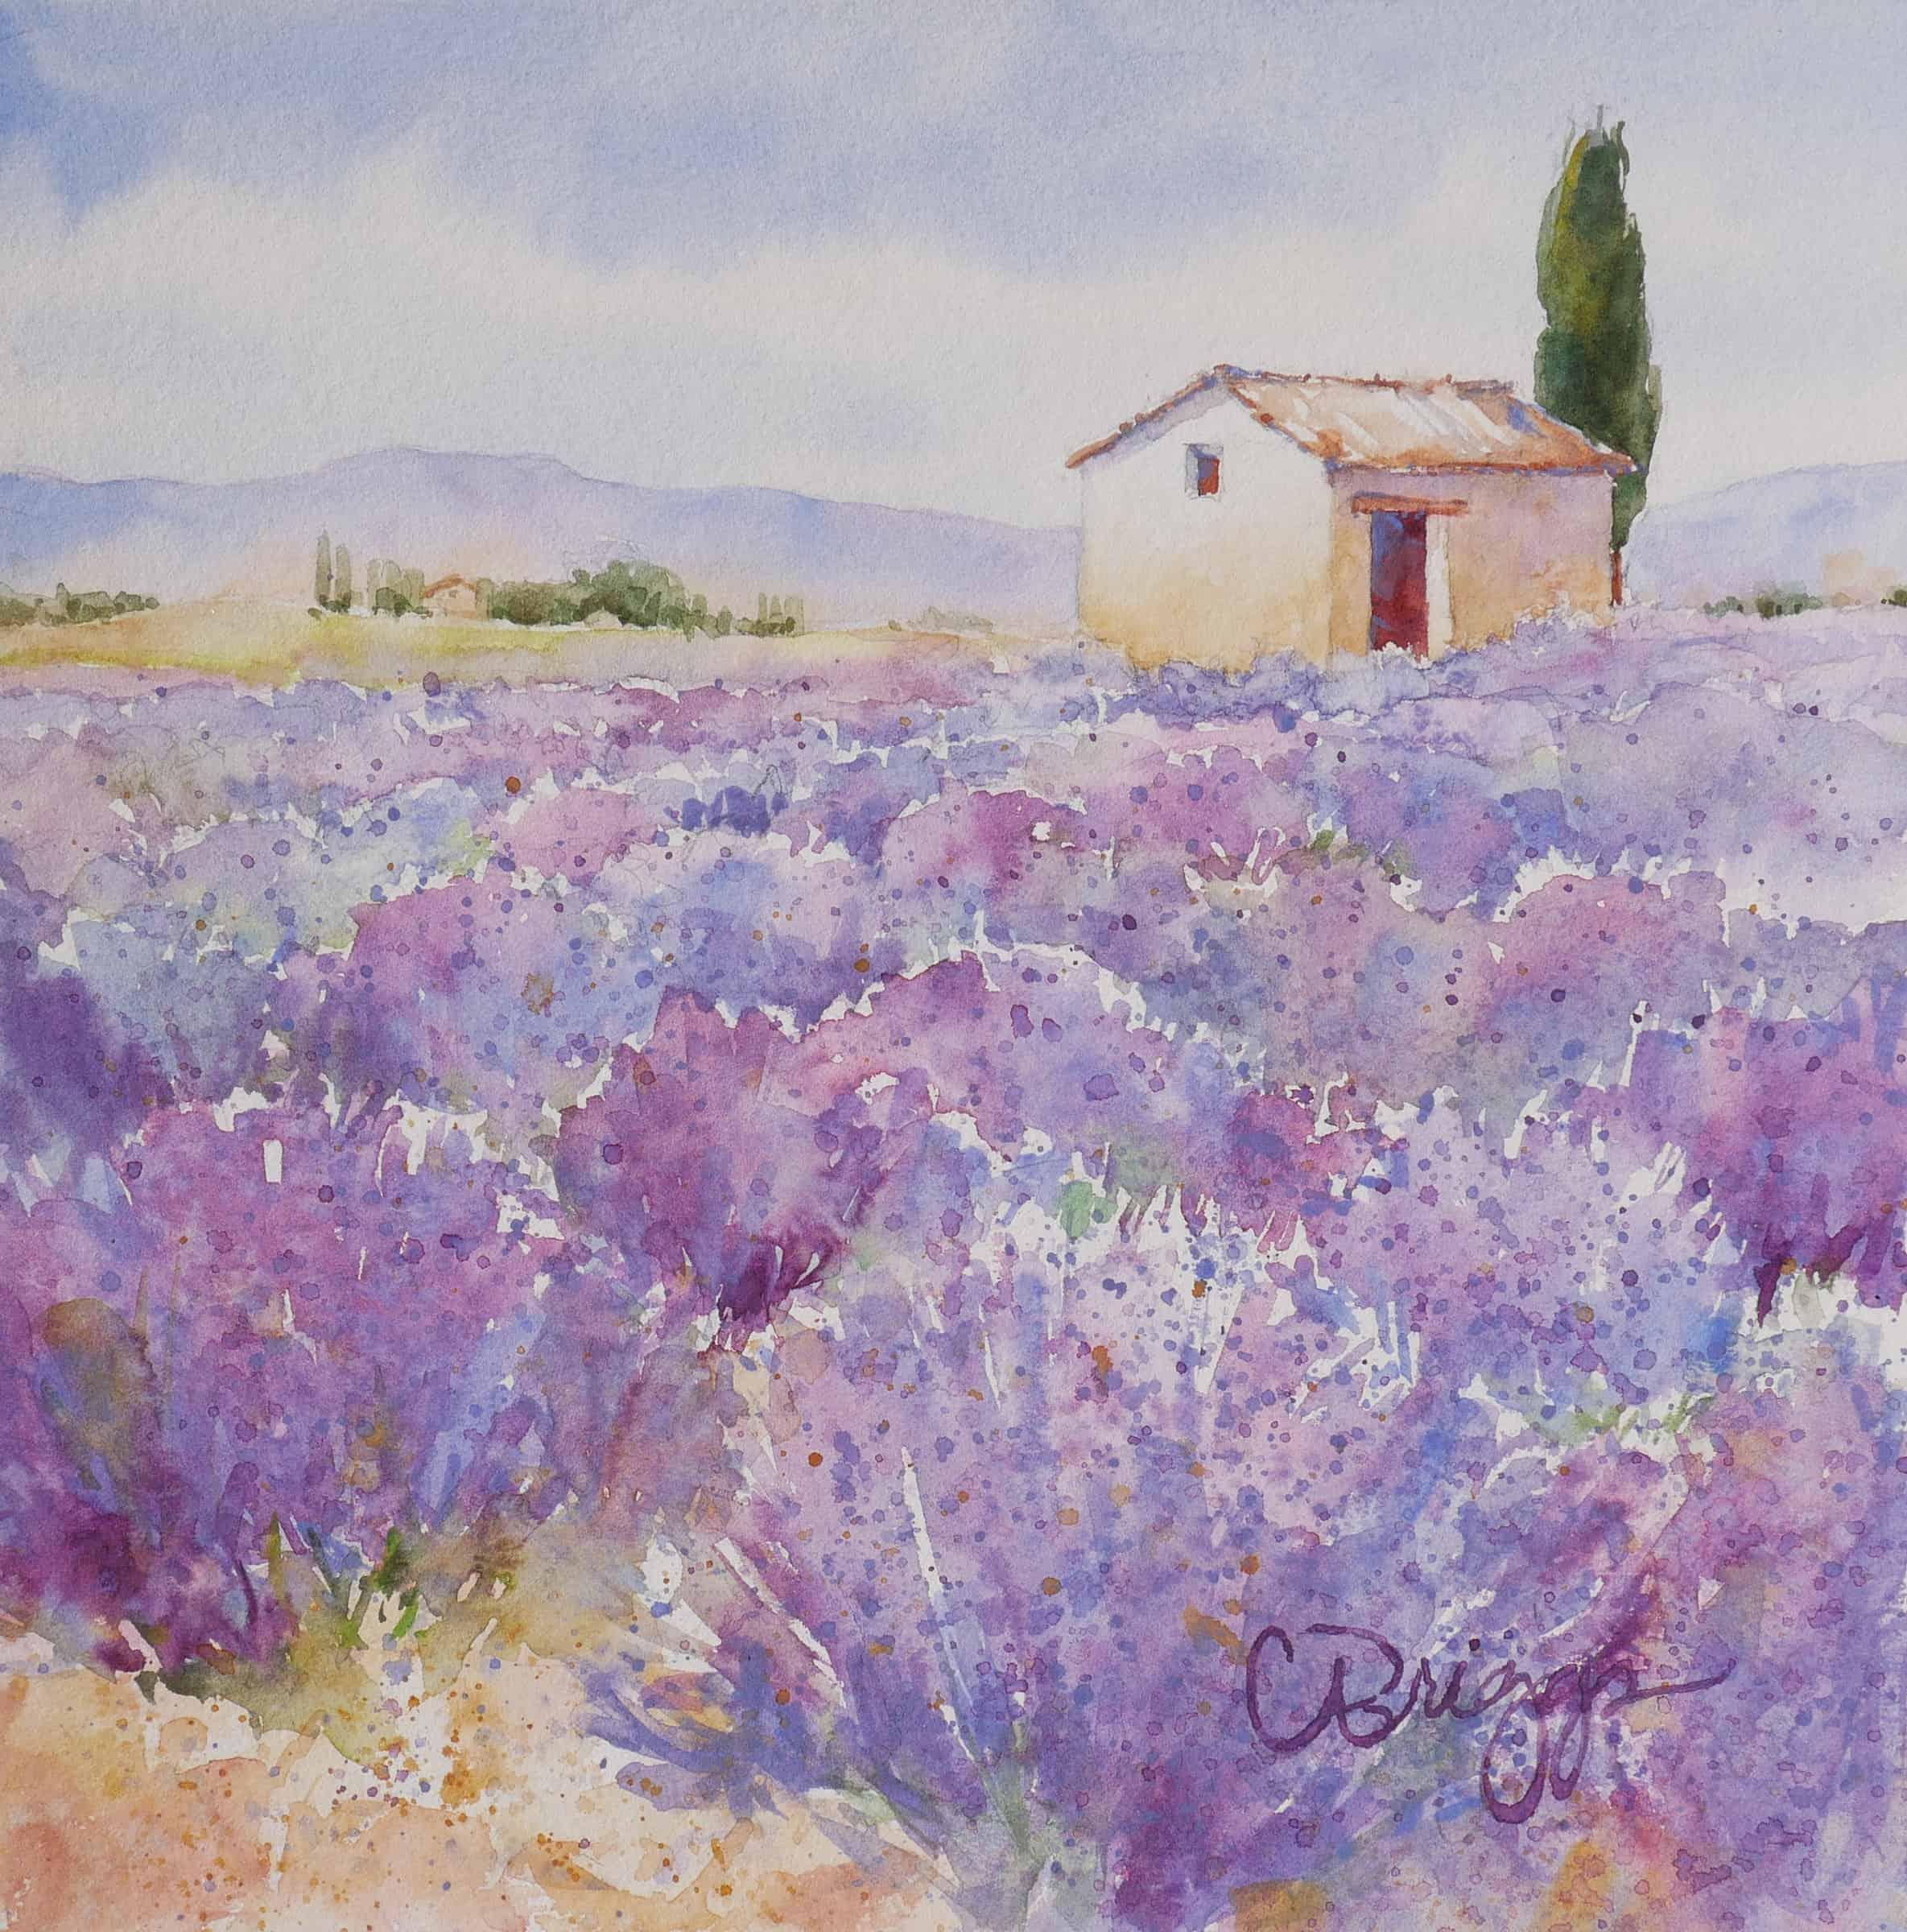 Delphini's, Lavender near Delphini's